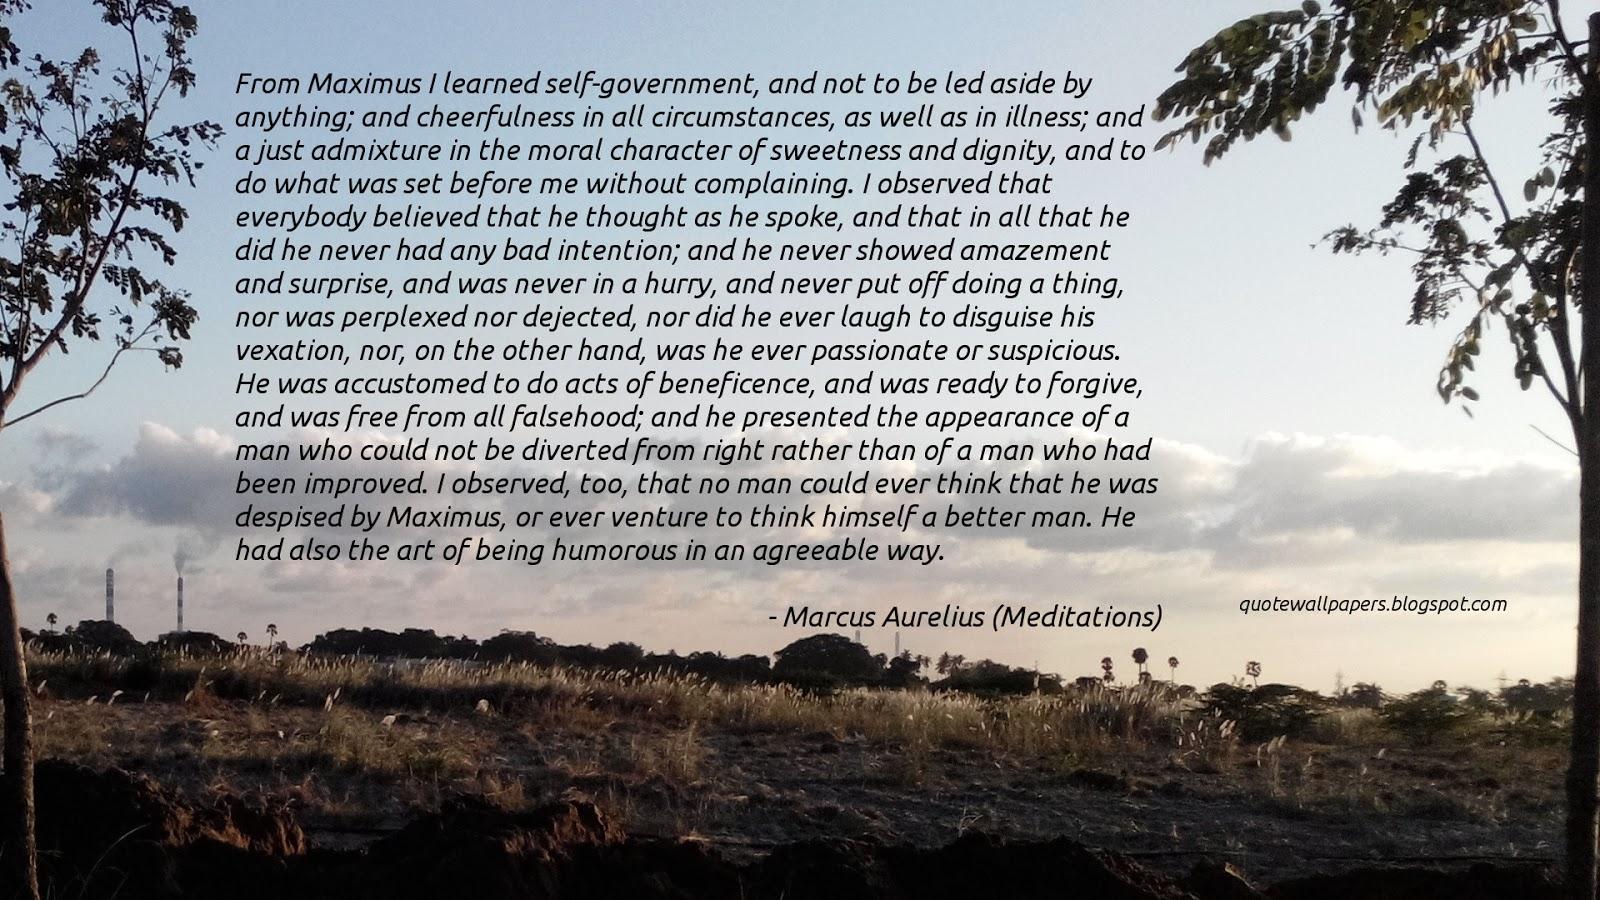 Marcus Aurelius About Maximus